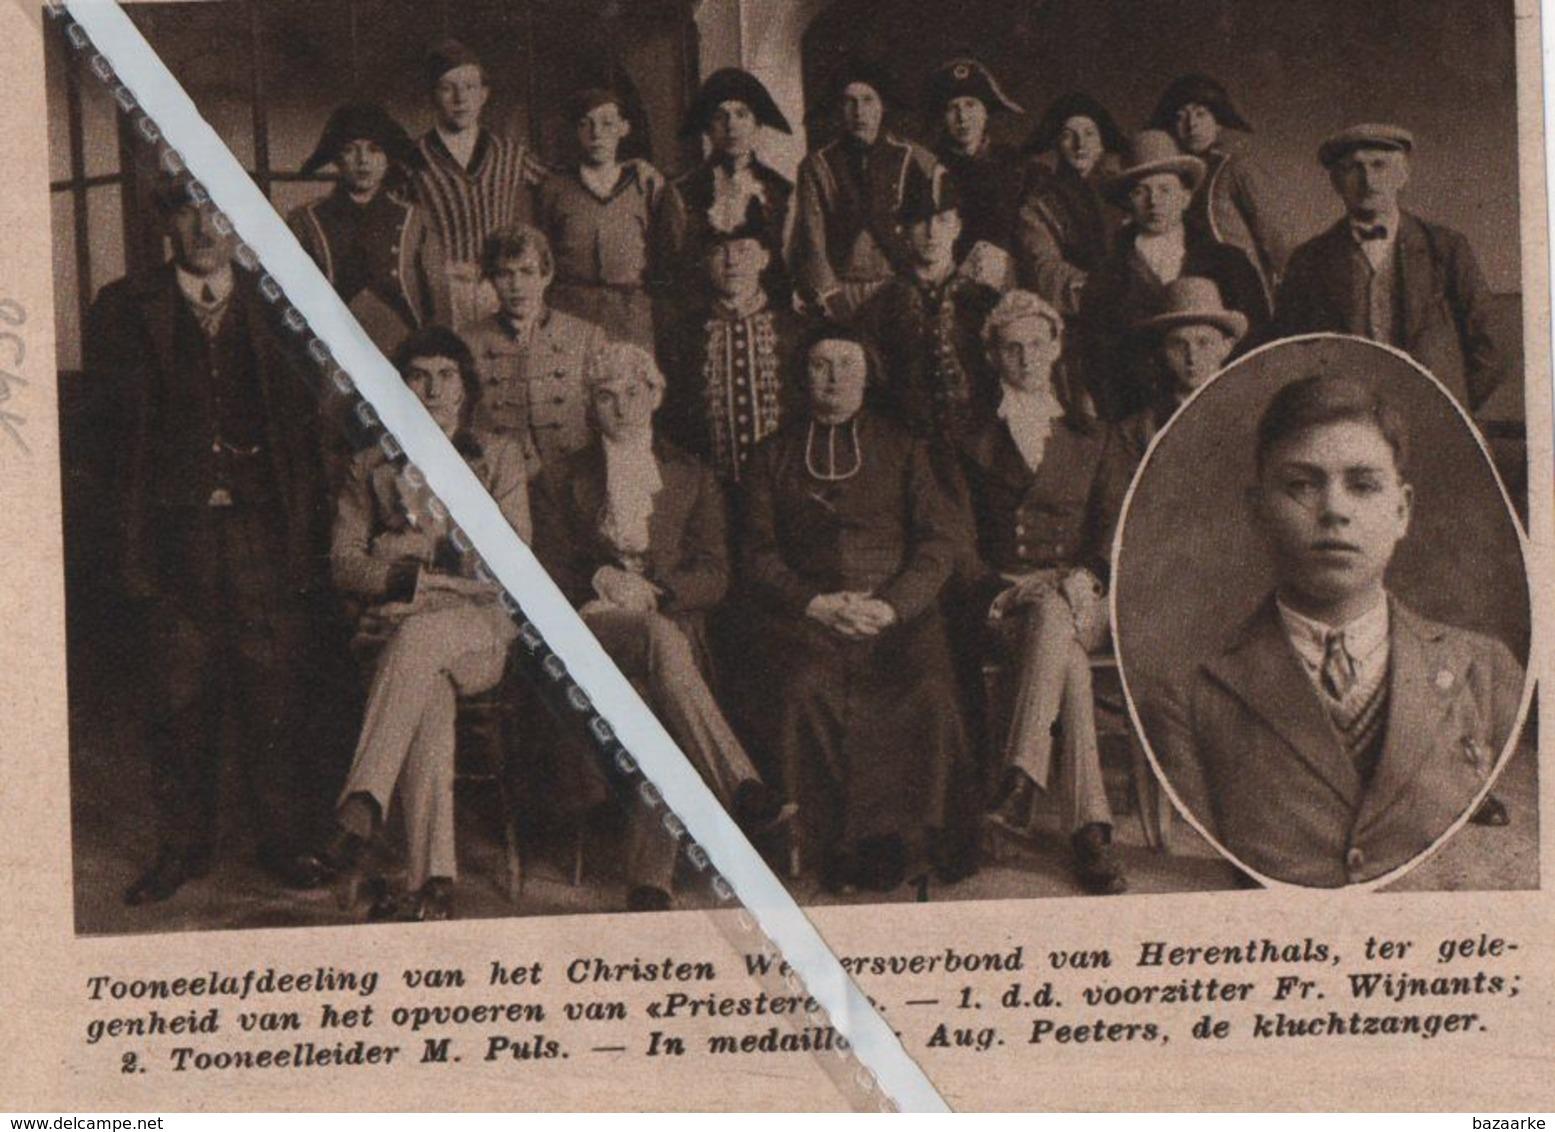 HERENTALS..1938.. TONEELAFDELING VAN HET CHRISTEN WERKNEMERSVERBOND/ AUG. PEETERS/ M. PULS/ FR. WIJNANTS - Old Paper